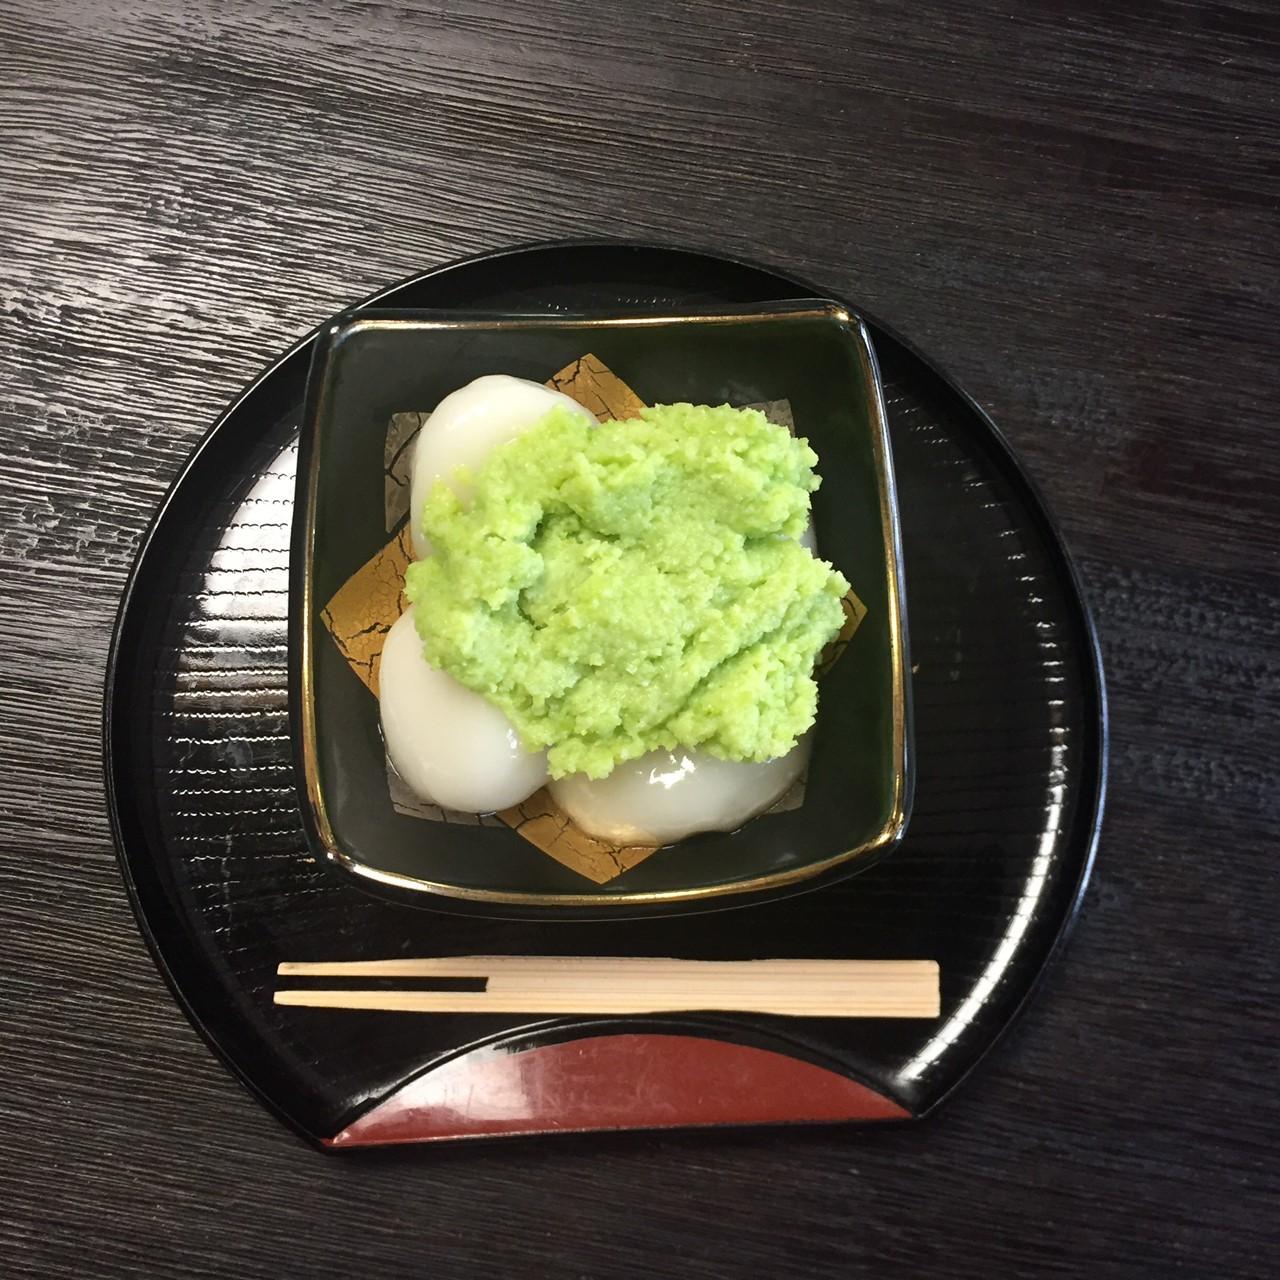 権現庵 ランチ_e0115904_02562214.jpg